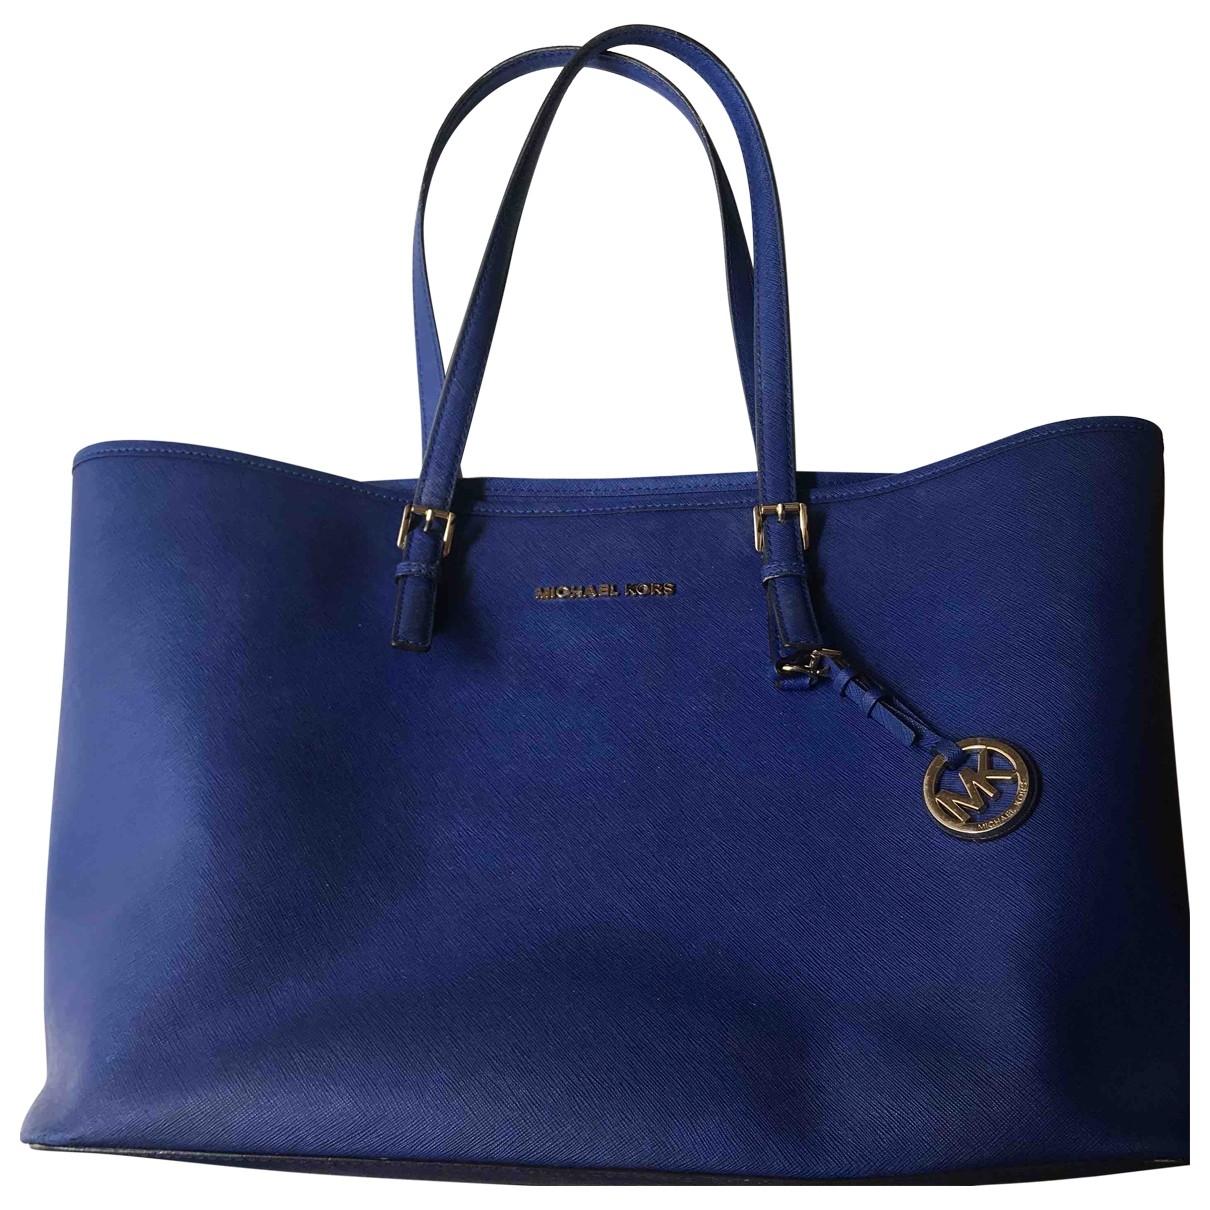 Michael Kors Jet Set Blue Leather handbag for Women \N